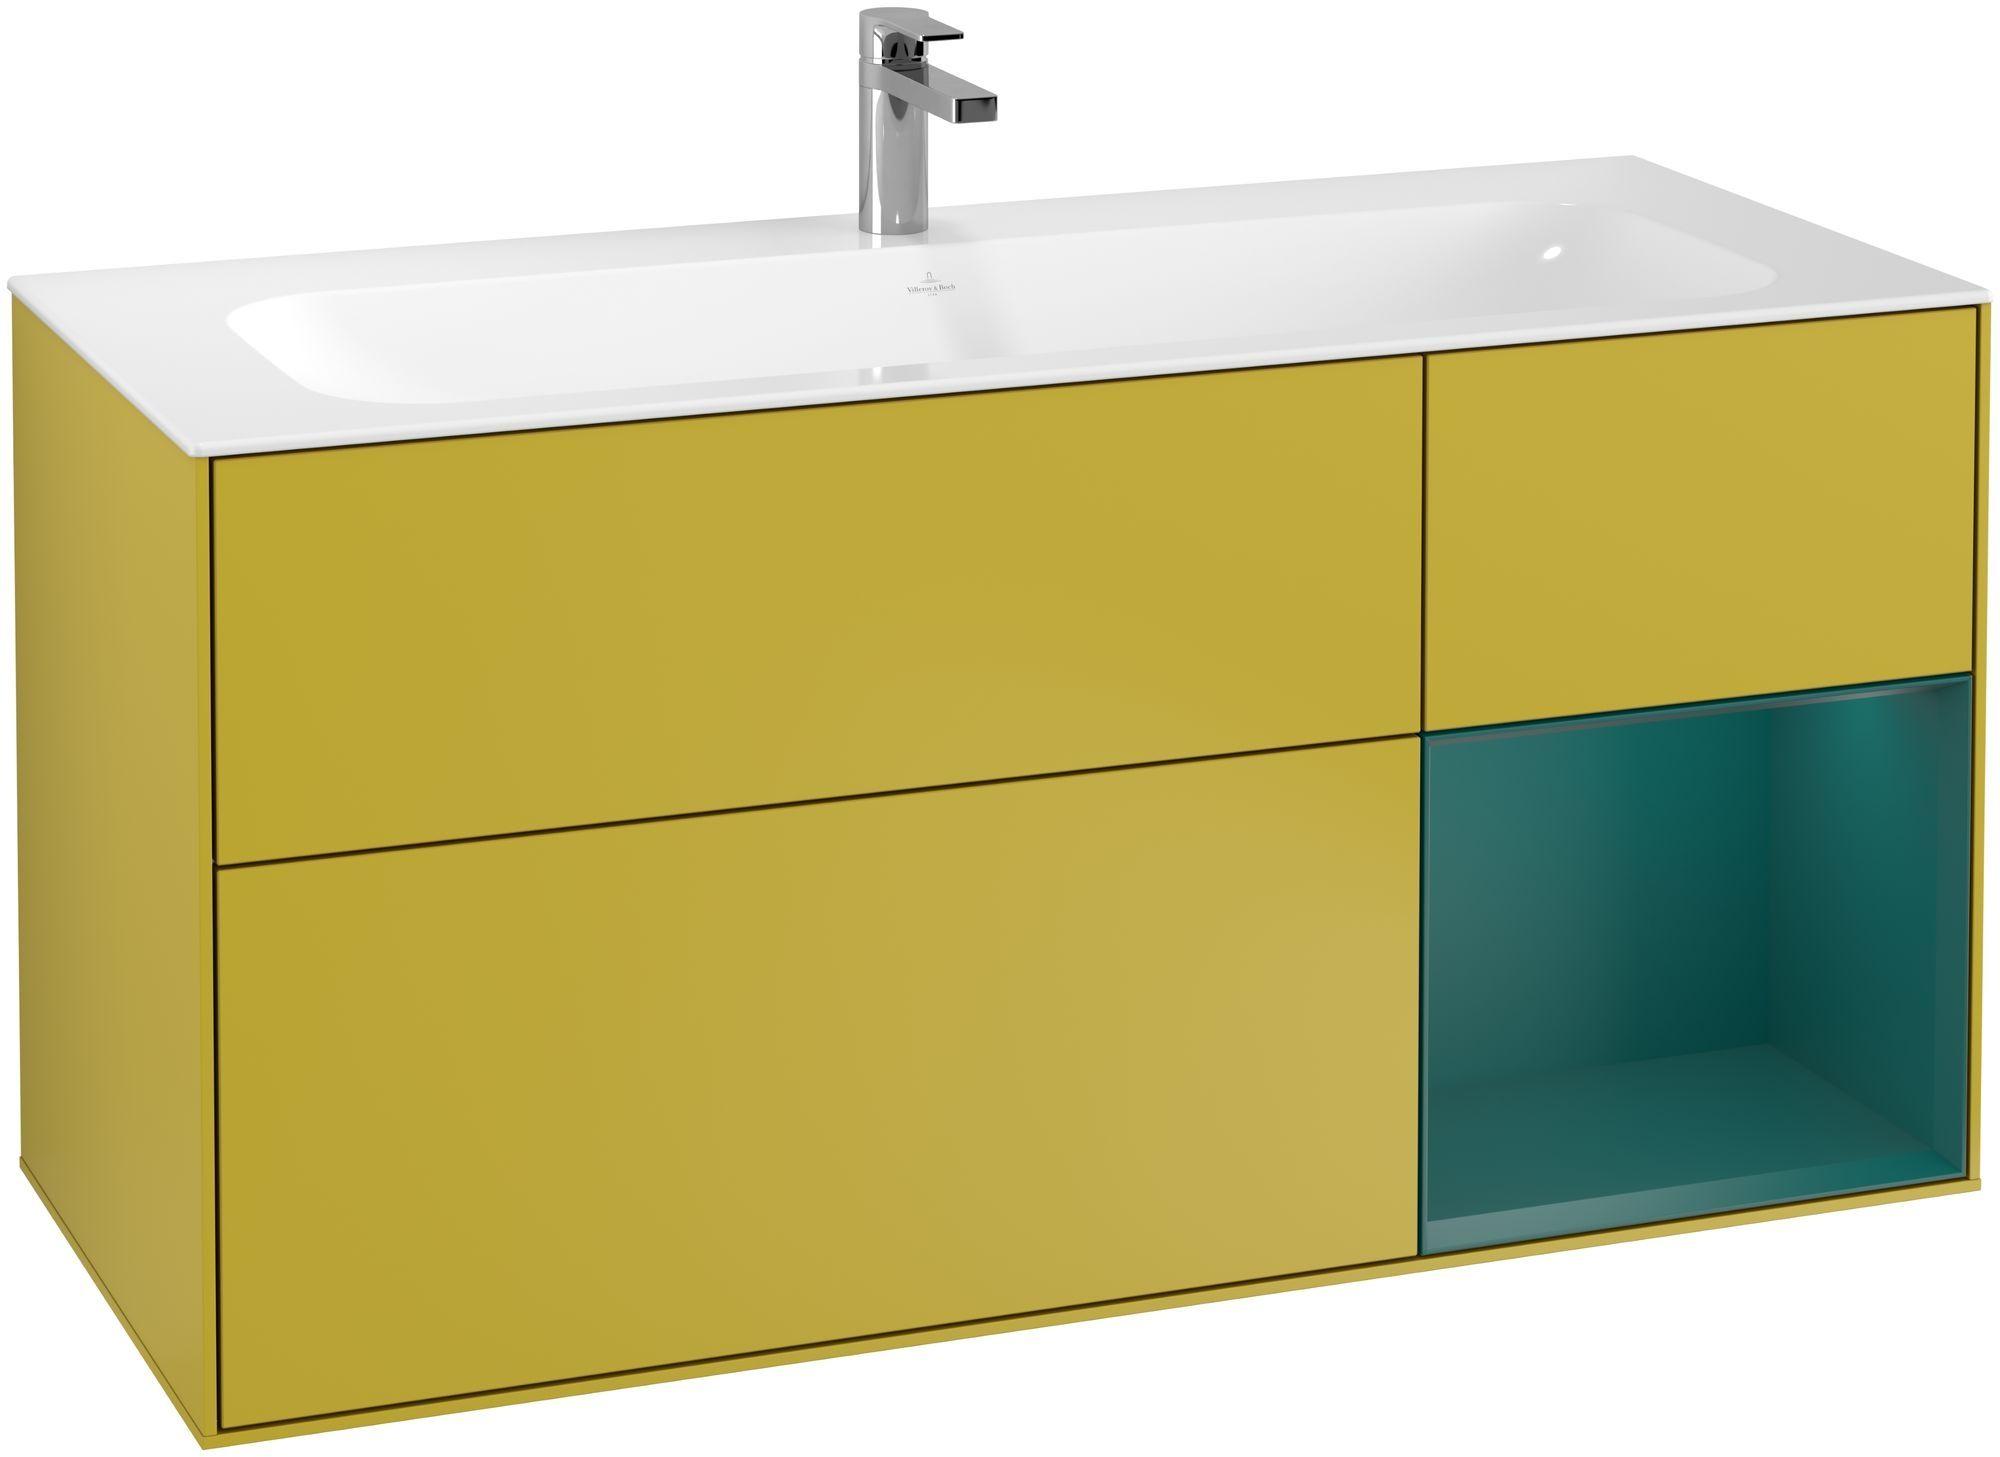 Villeroy & Boch Finion F07 Waschtischunterschrank mit Regalelement 3 Auszüge LED-Beleuchtung B:119,6xH:59,1xT:49,8cm Front, Korpus: Sun, Regal: Cedar F070GSHE